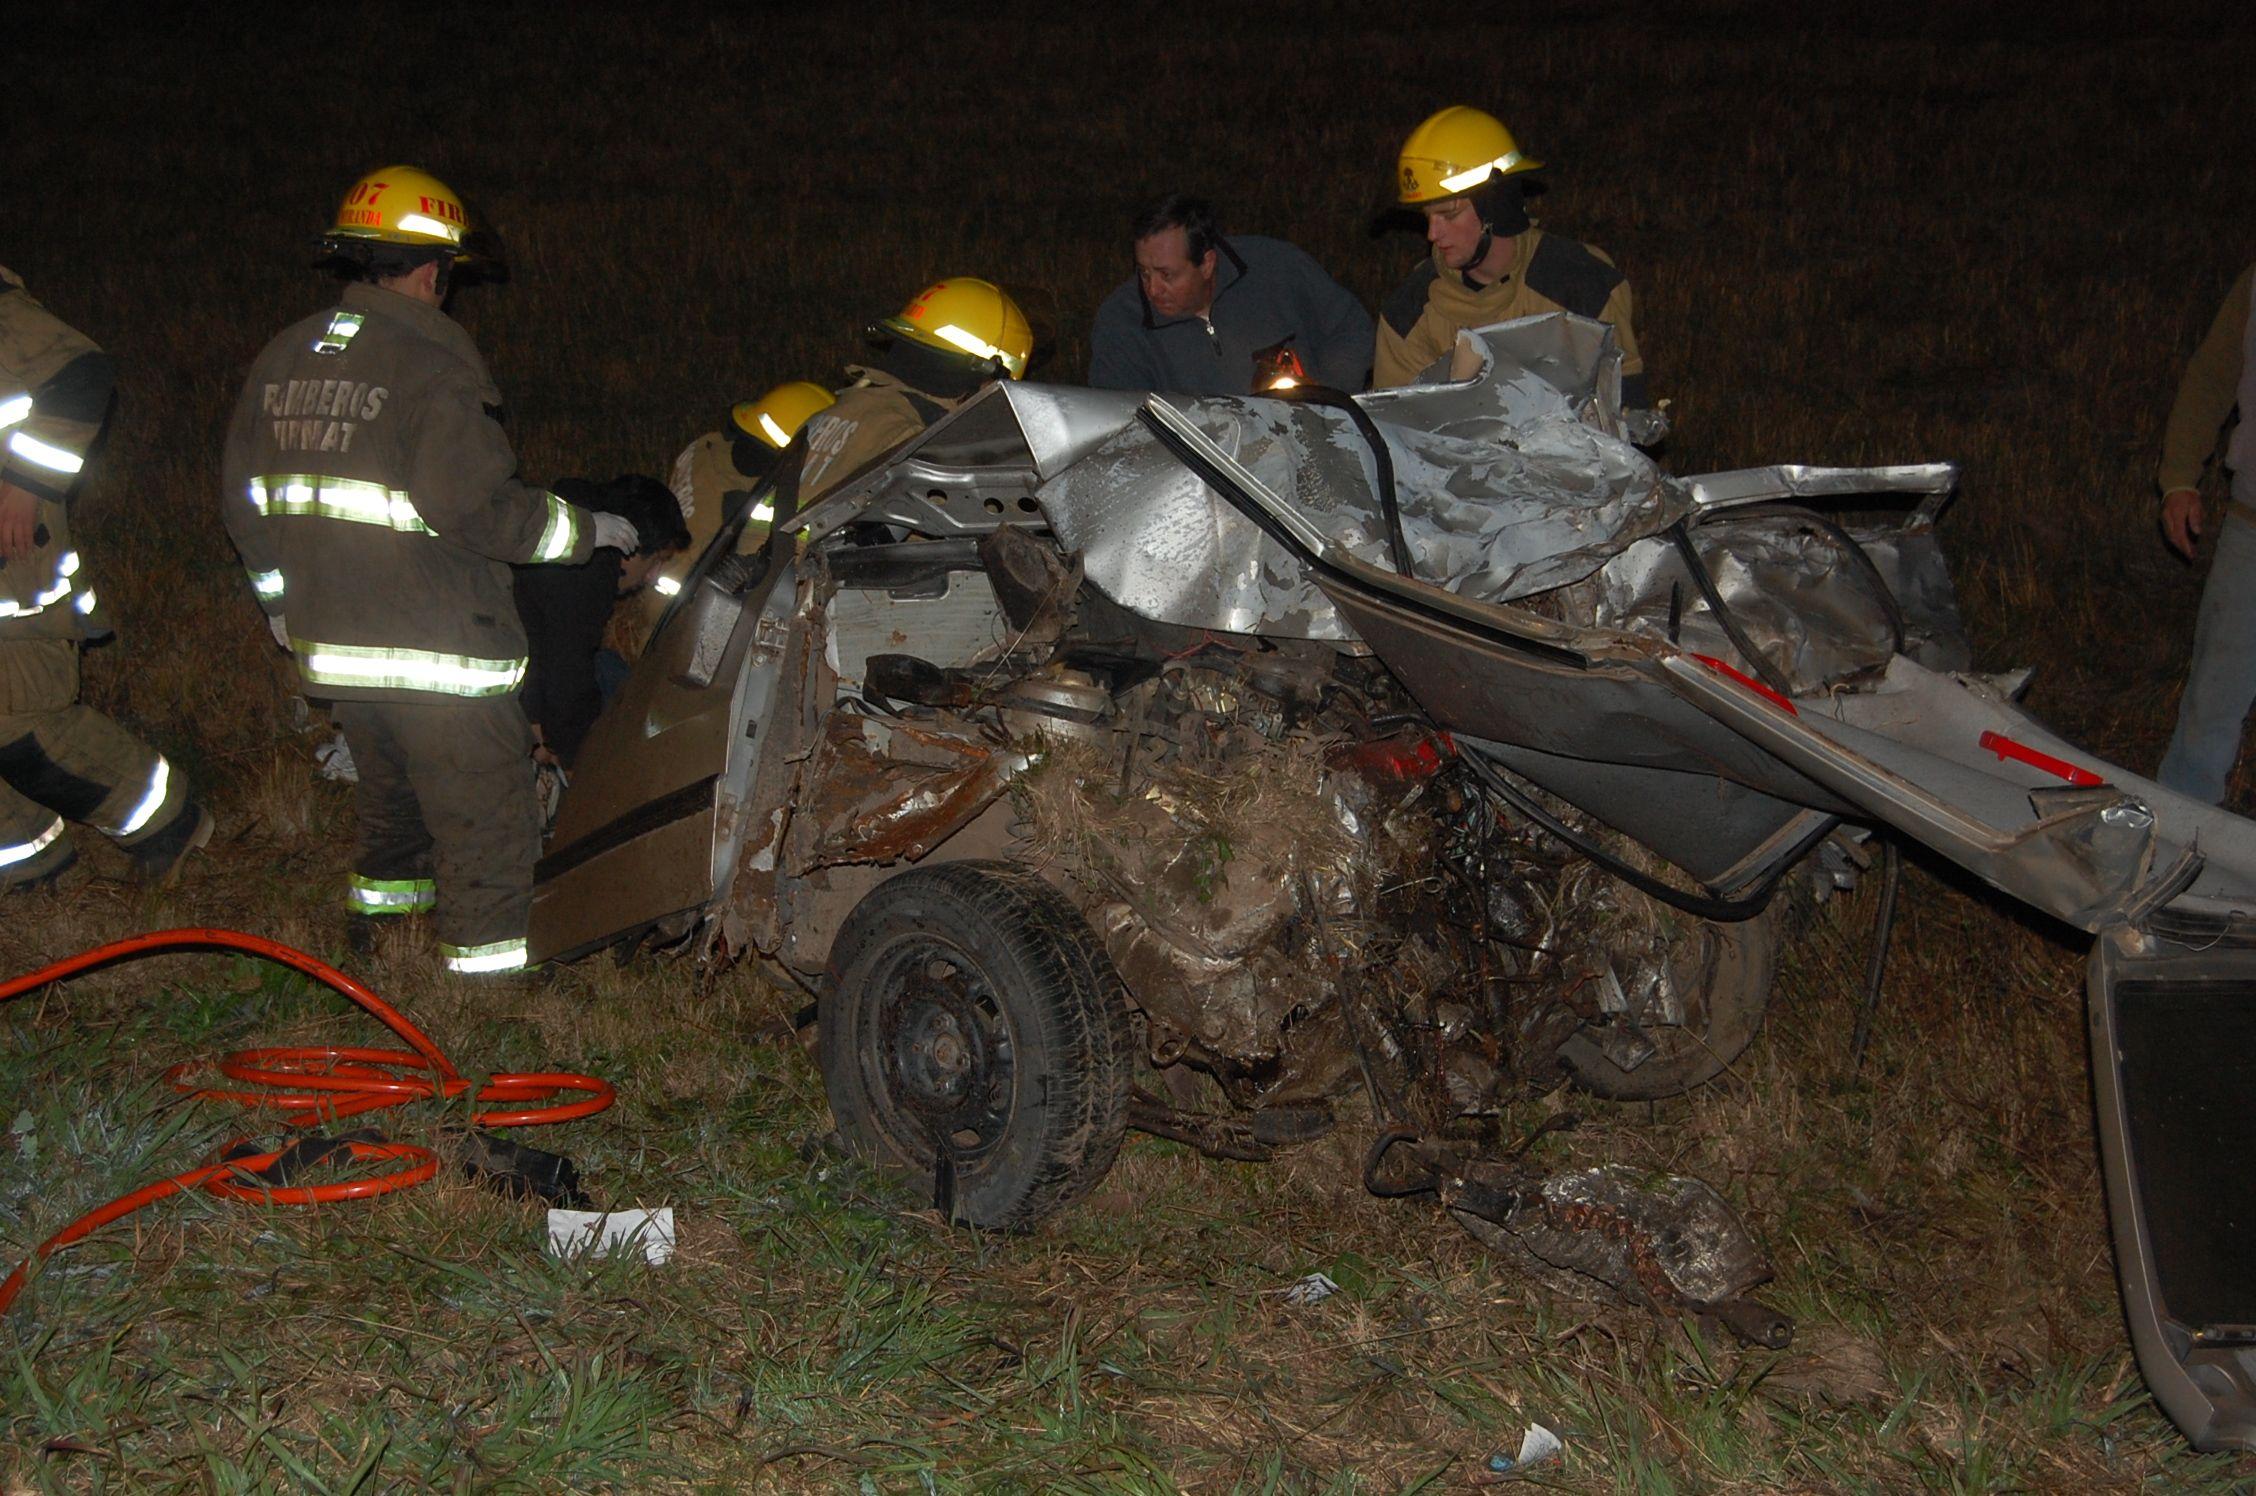 Así quedó el Fiat Uno en el que viajaban dos de las víctimas. (Foto: www.diariofirmat.com.ar)